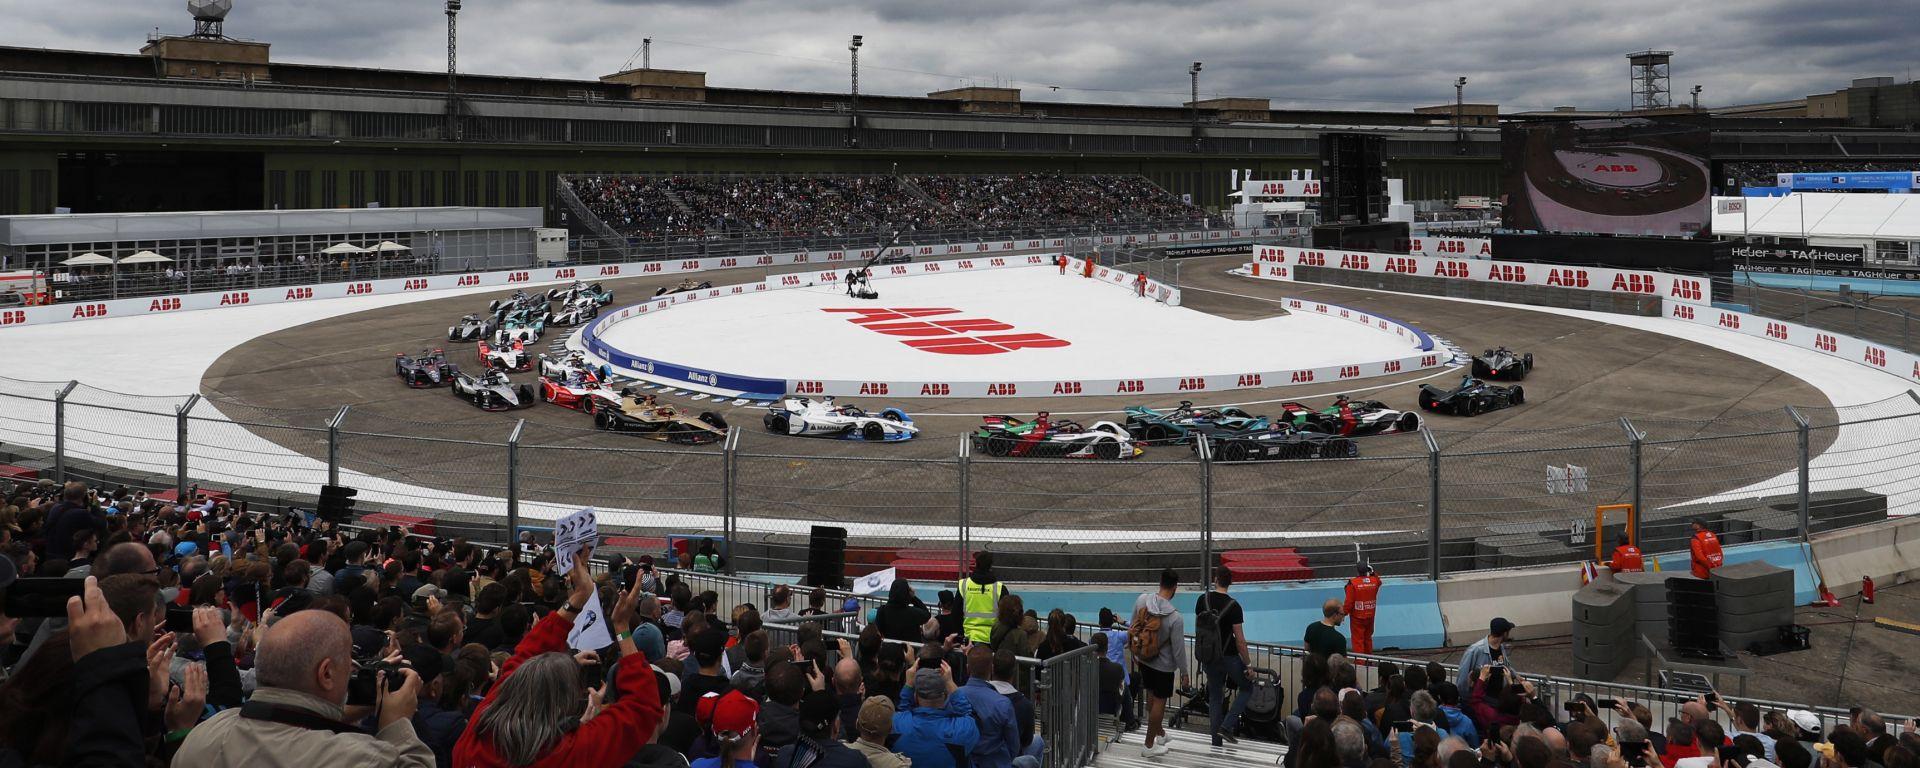 Formula E, Fia ufficializza calendario e regole 2019-2020